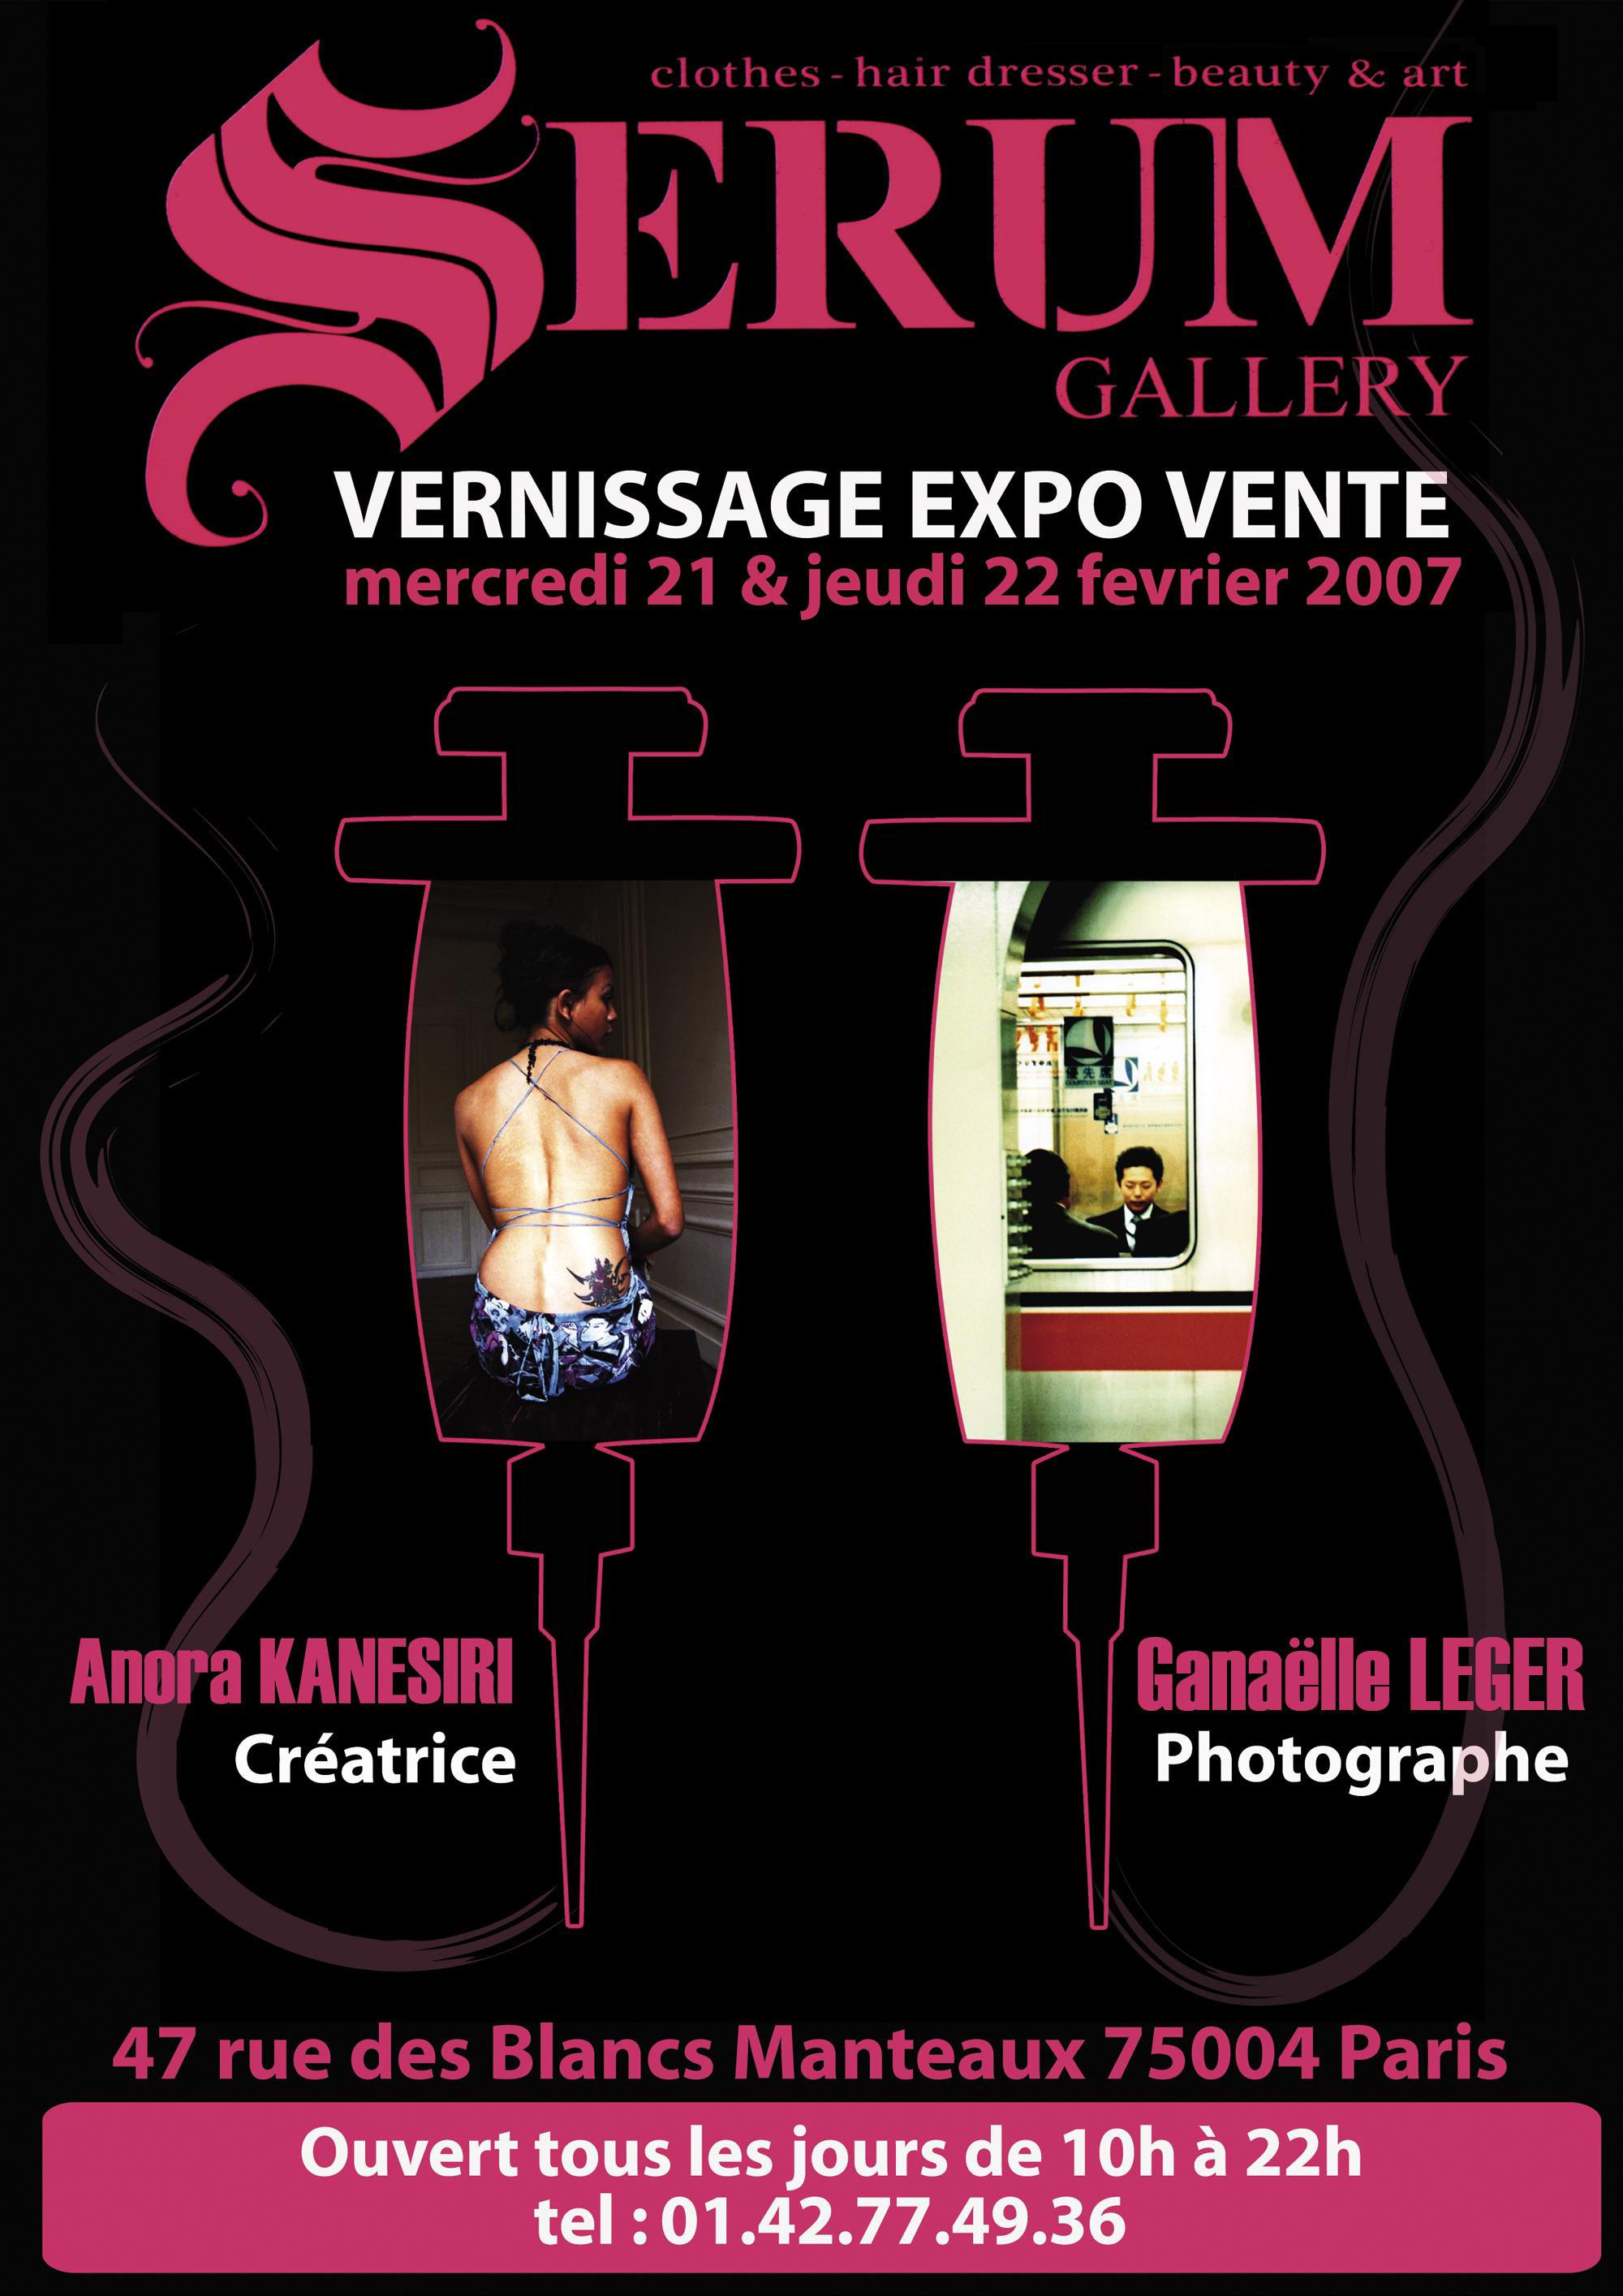 serum-gallery-expo-paris.jpg